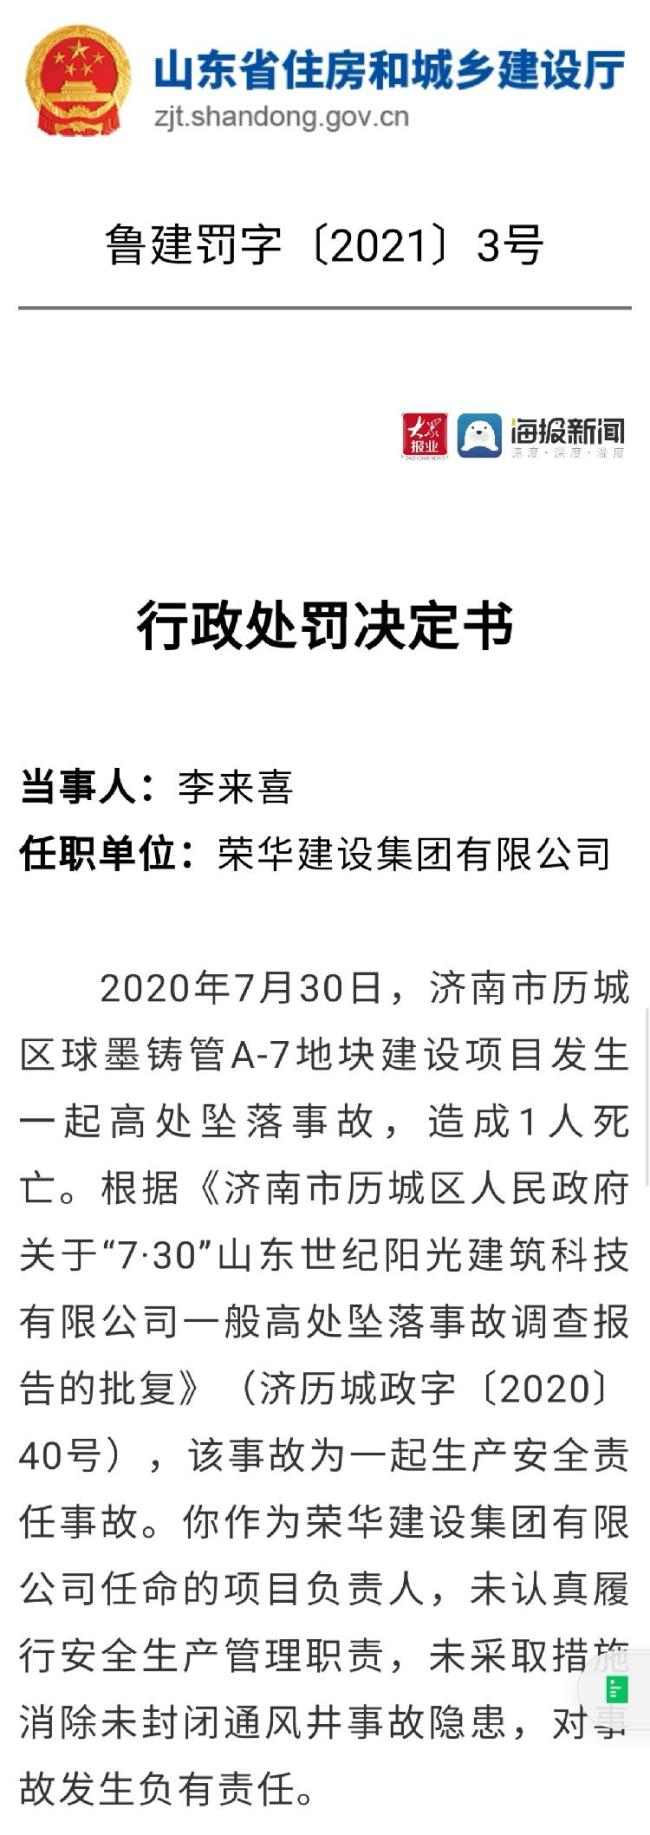 荣华建设集团济南一项目负责人失职引发高处坠落事故,造成1人死亡